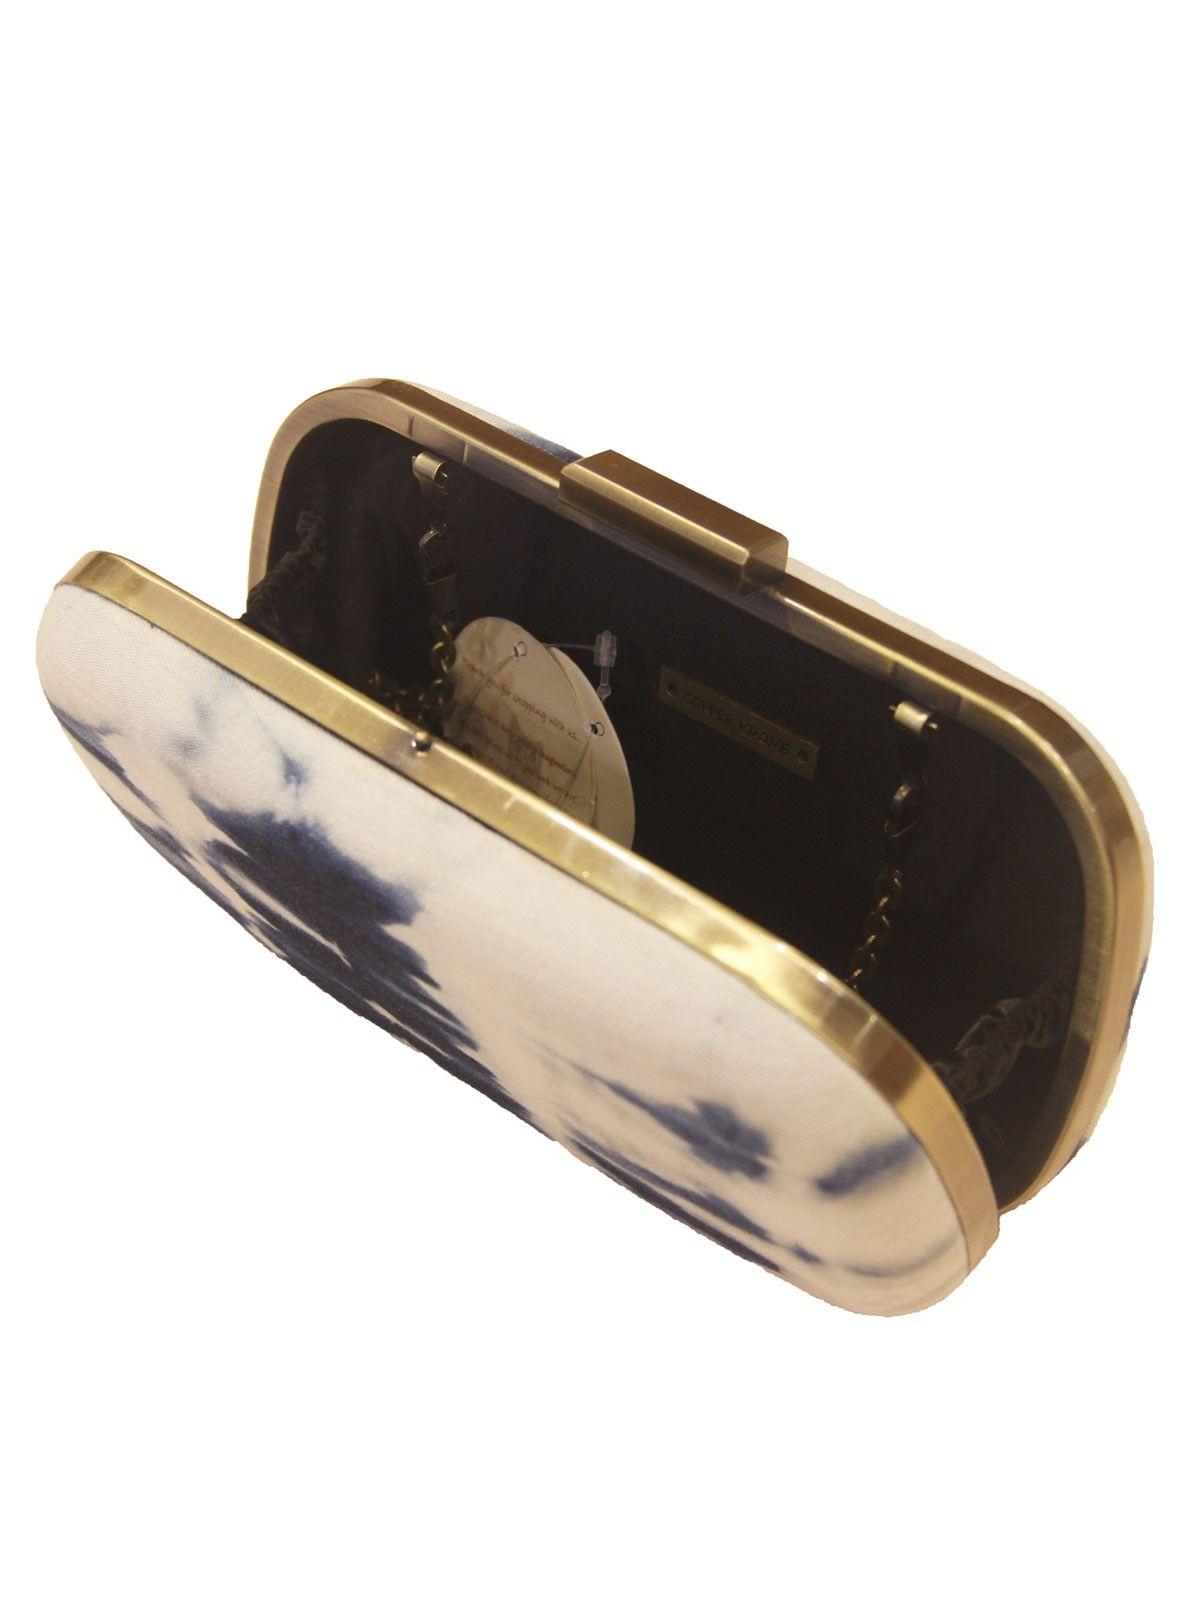 Indigo Blue denim metal framne  women's applique clutch